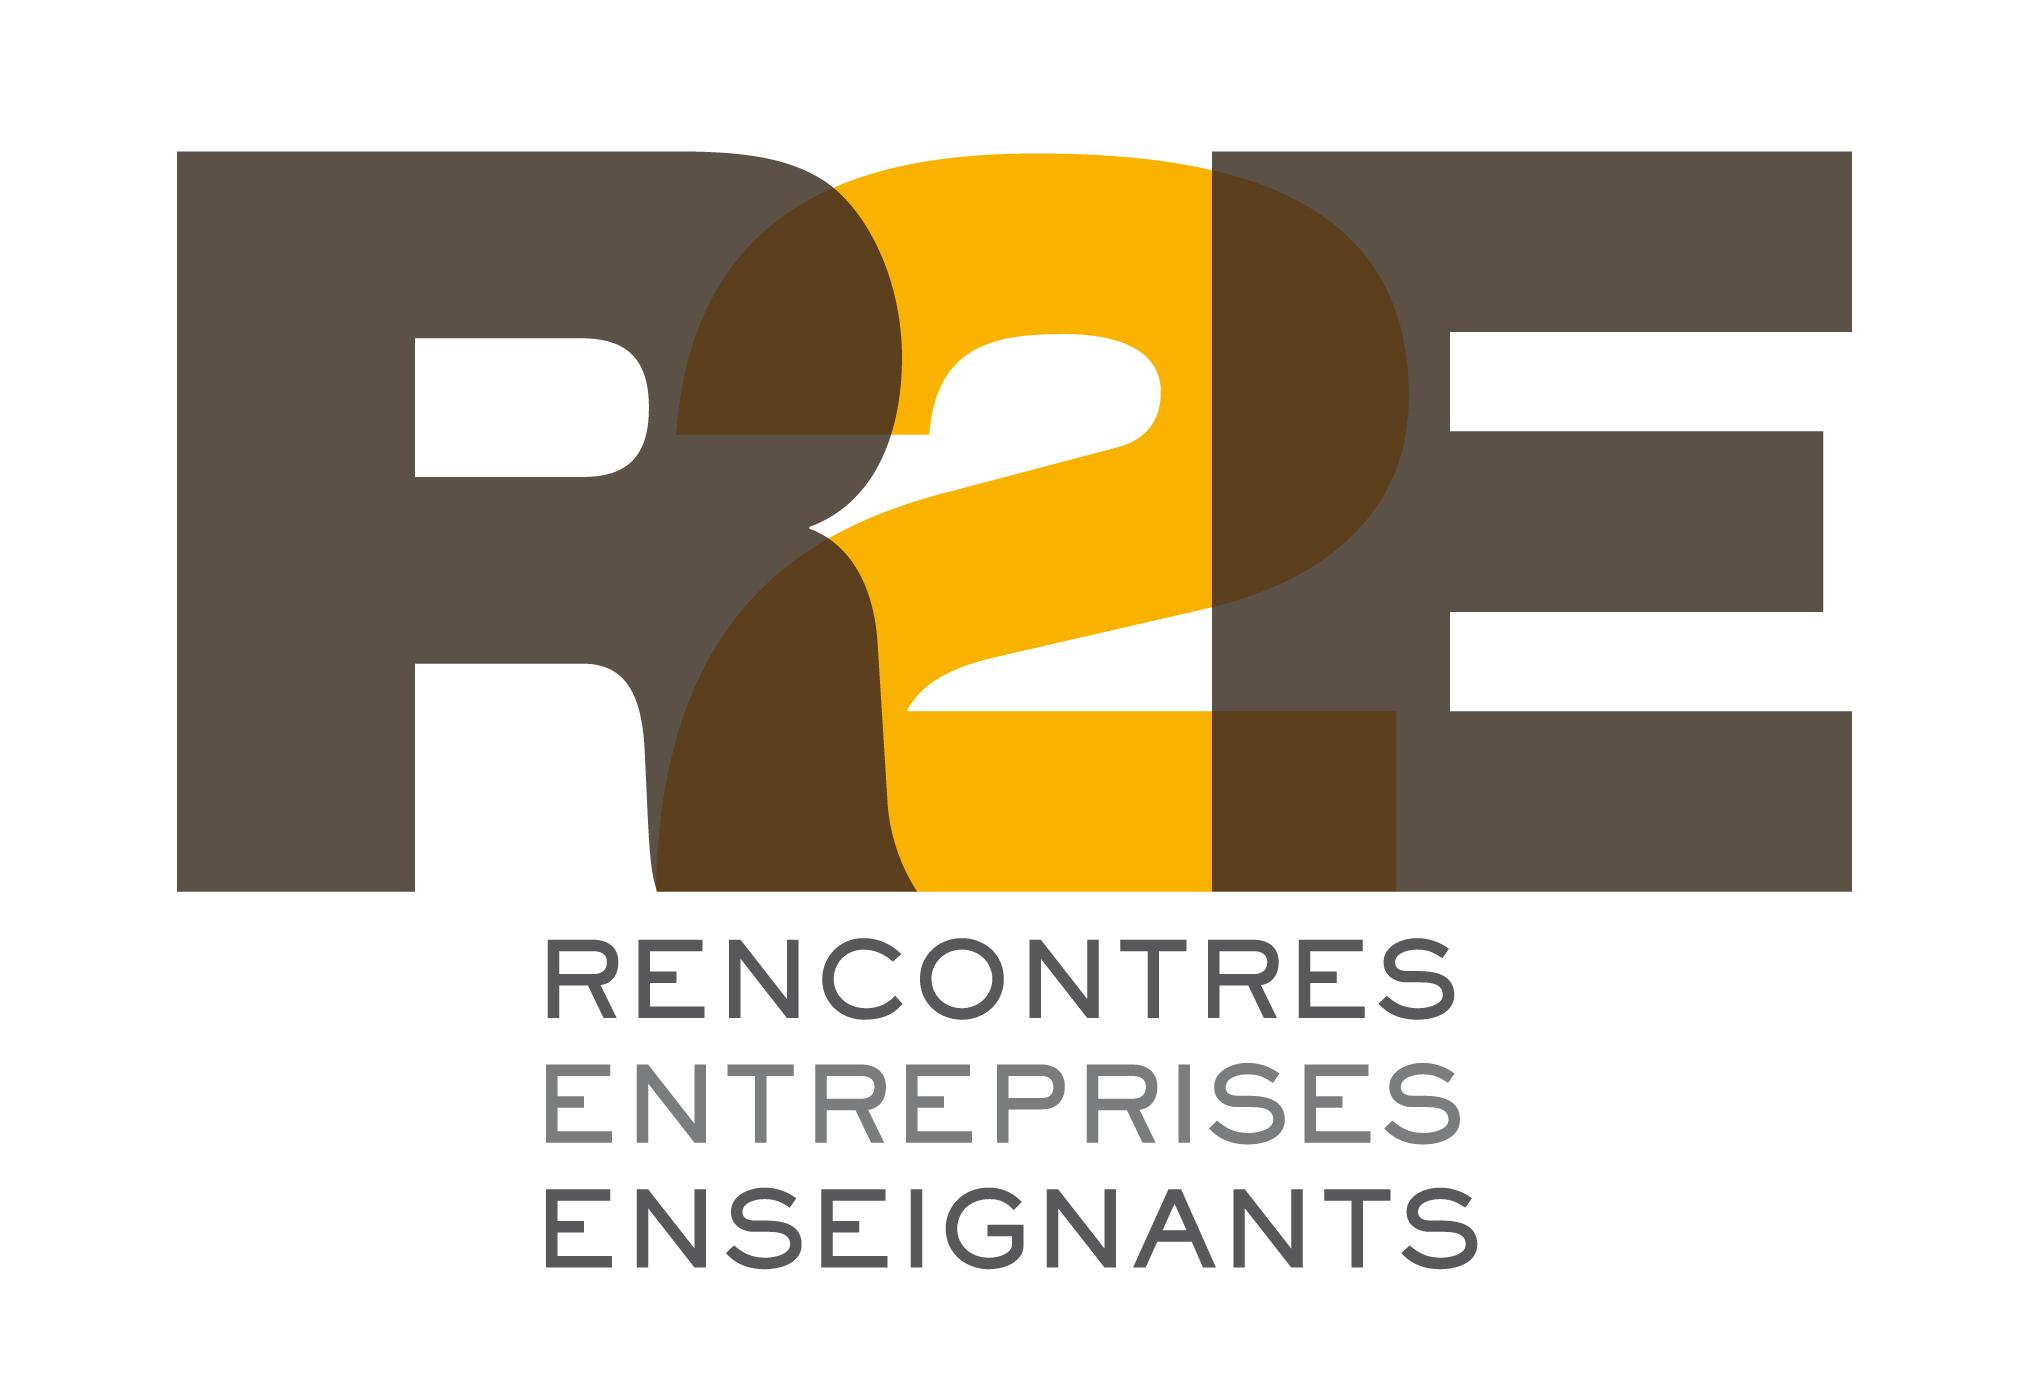 R2E - Rencontres Entreprises Enseignants